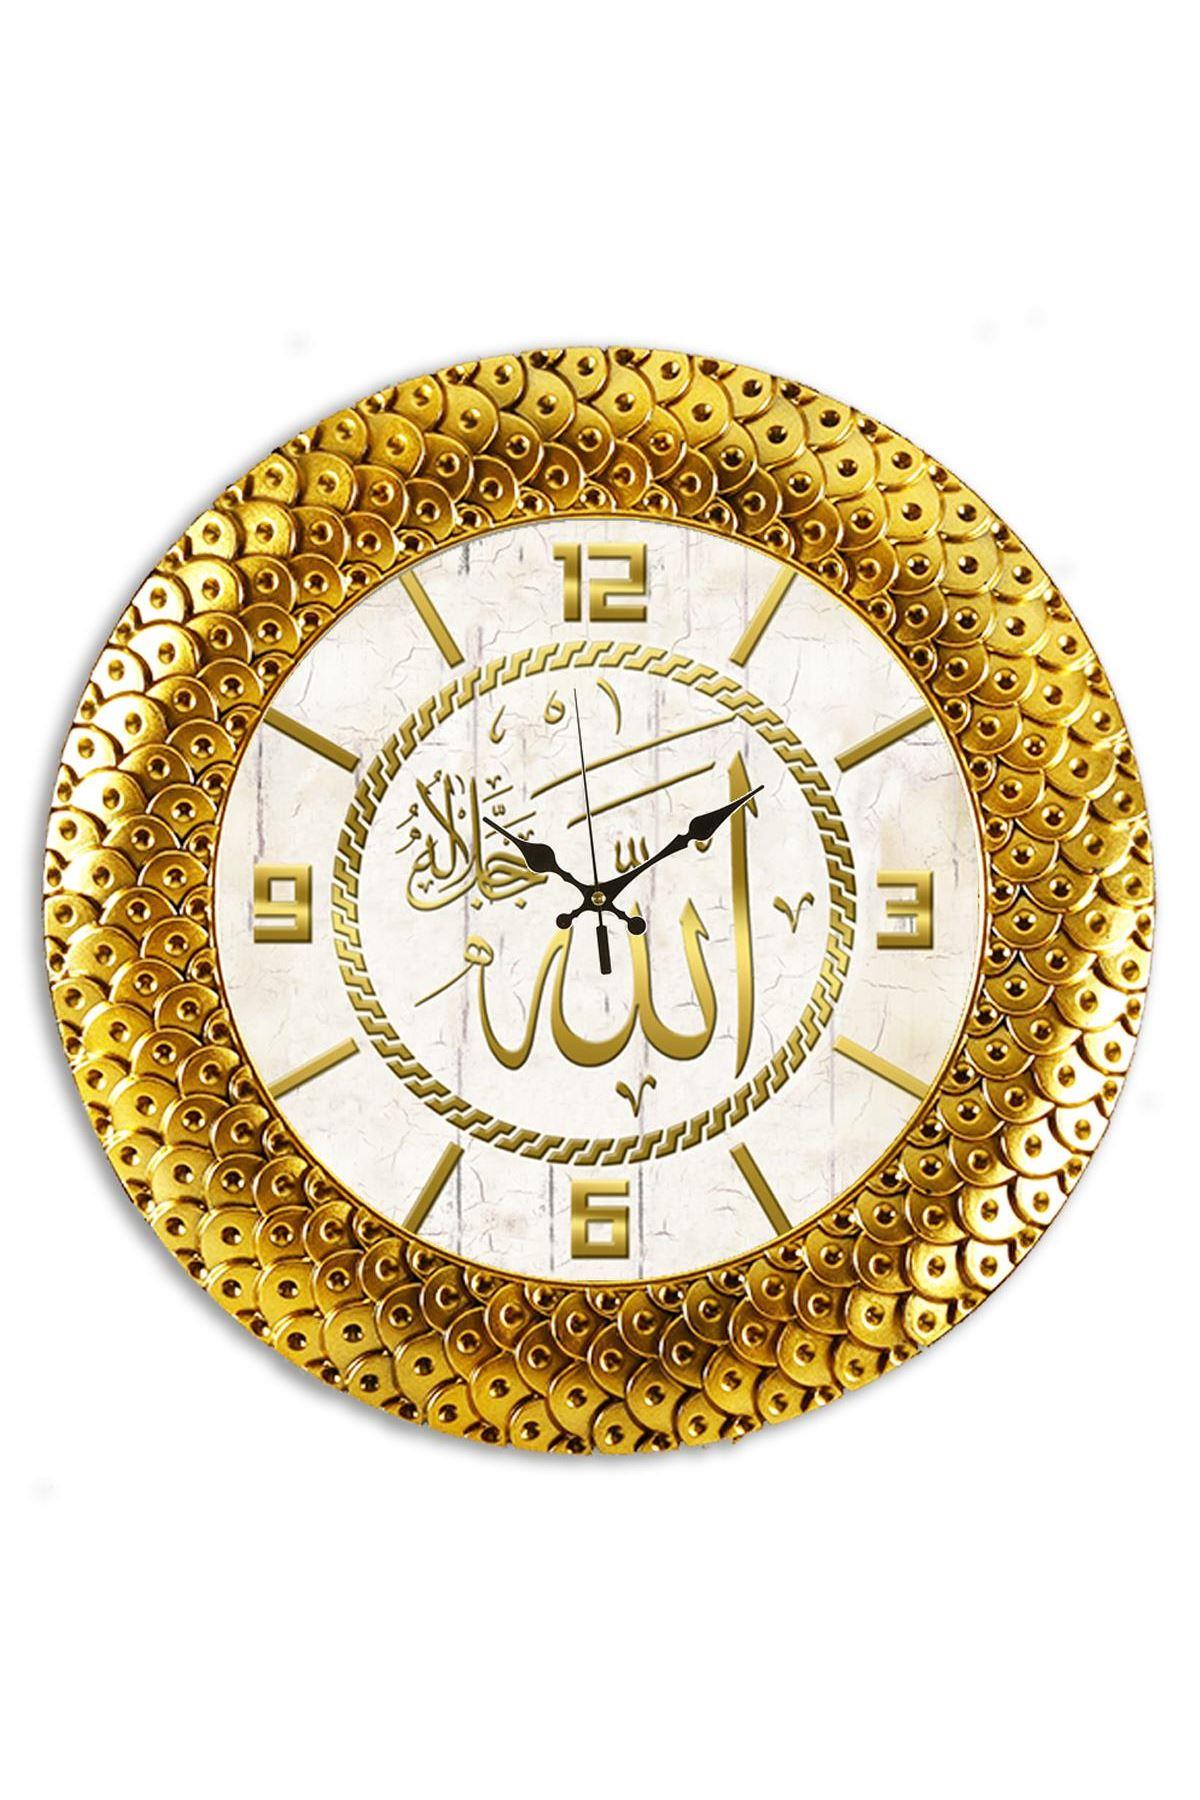 Rikon Premium Allah Yazılı Altın Dekoratif Duvar Saati 45X45 Cm